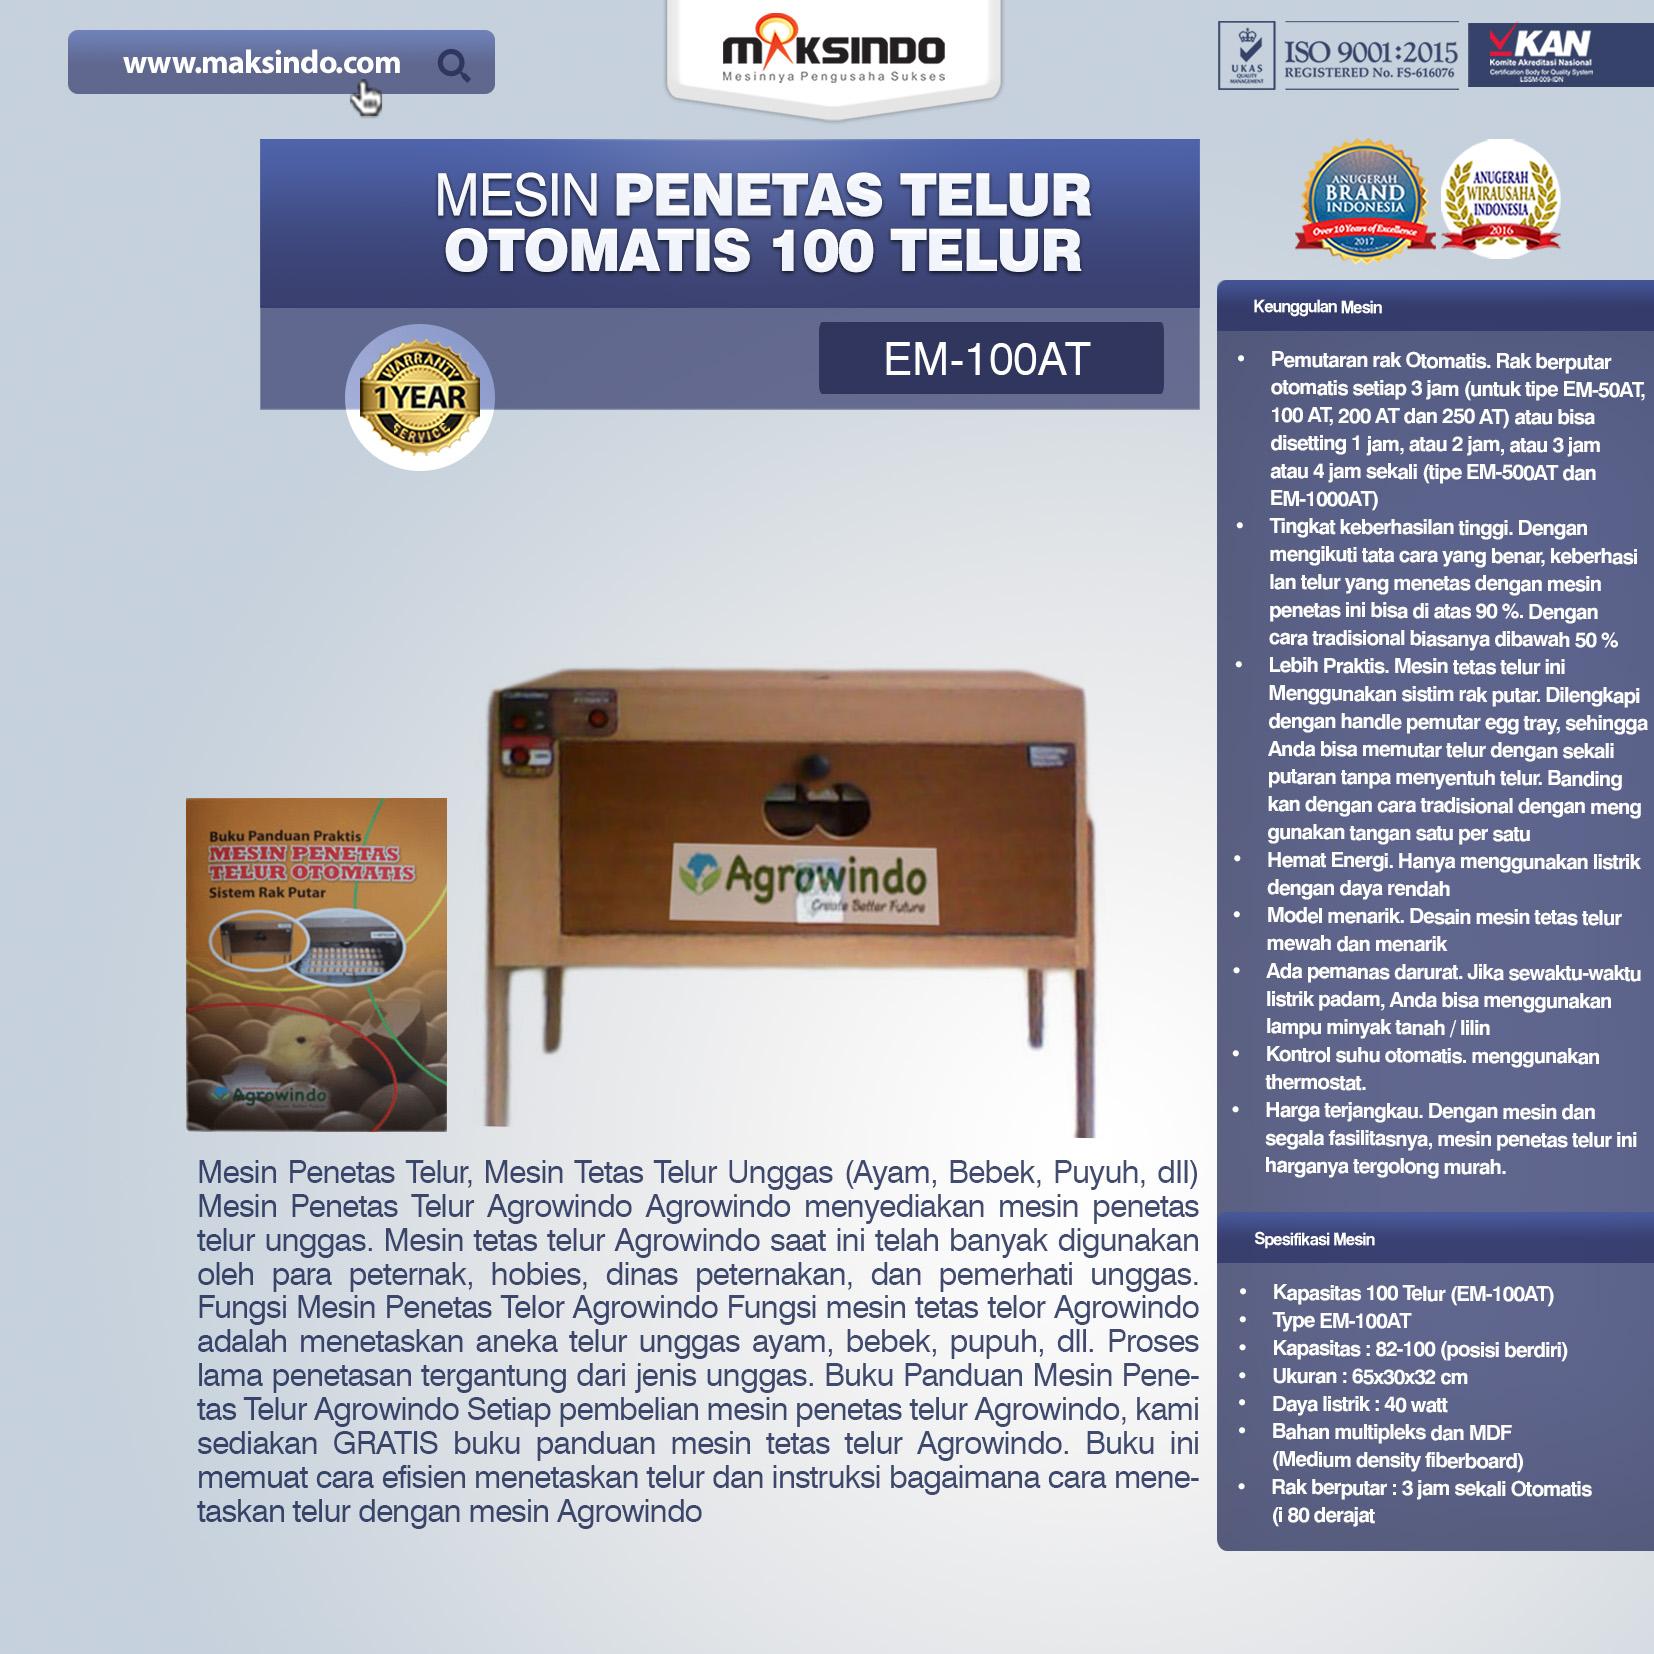 Jual Mesin Penetas Telur Otomatis 100 Telur (EM-100AT) di Malang